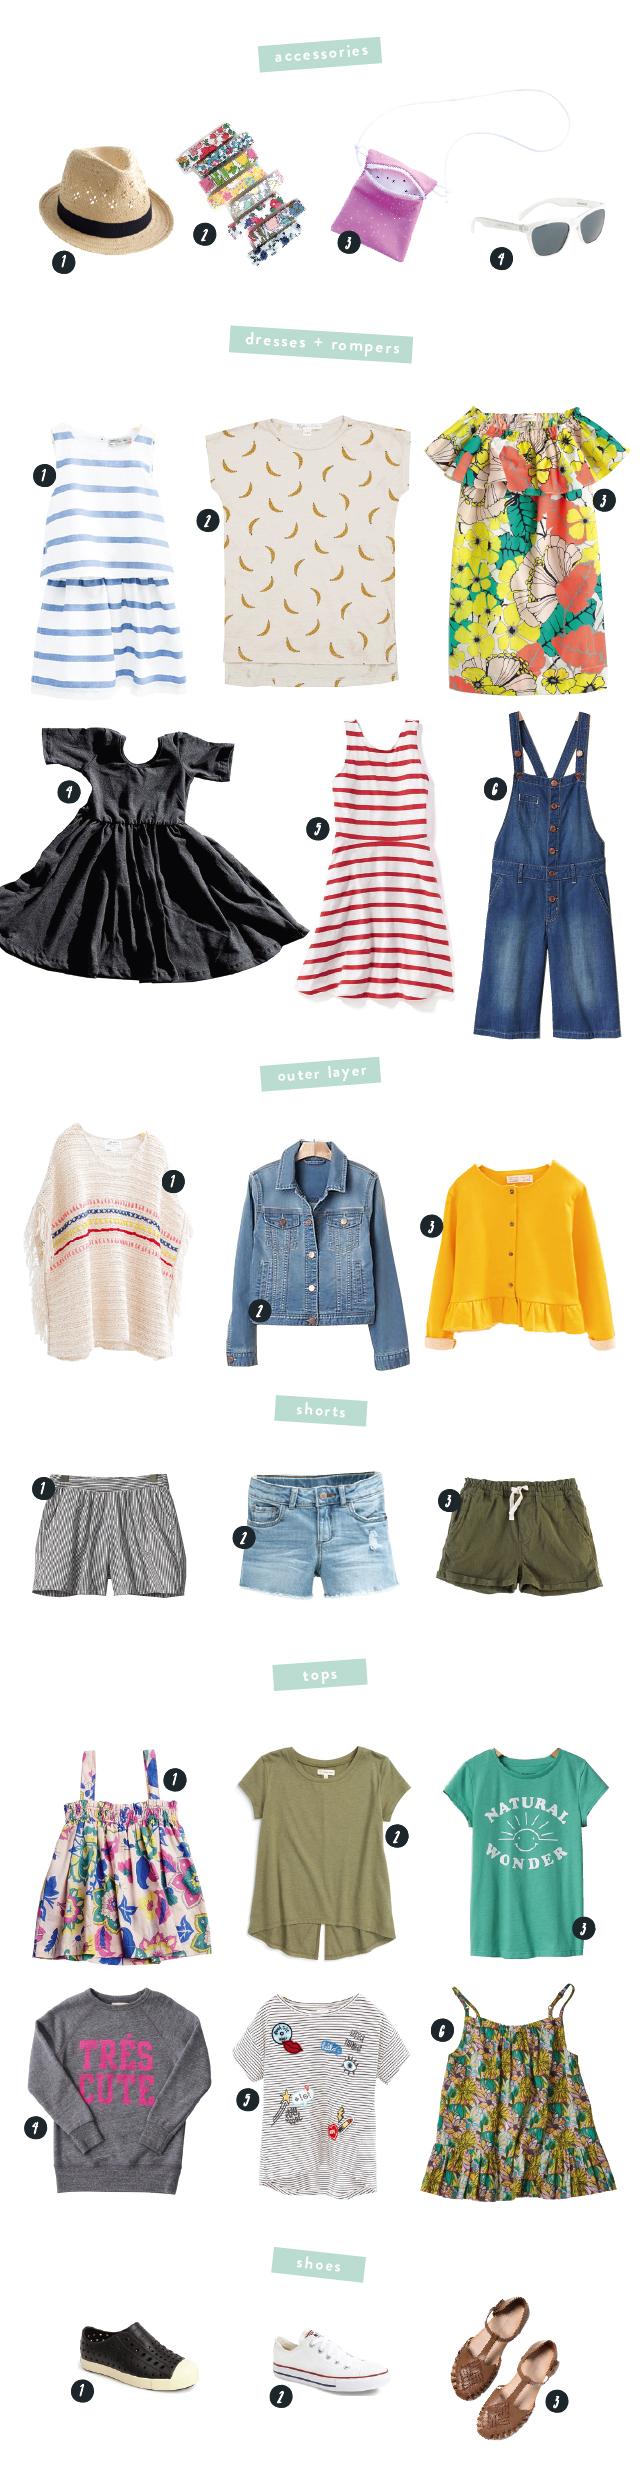 warm-weather-girl's-wardrobe